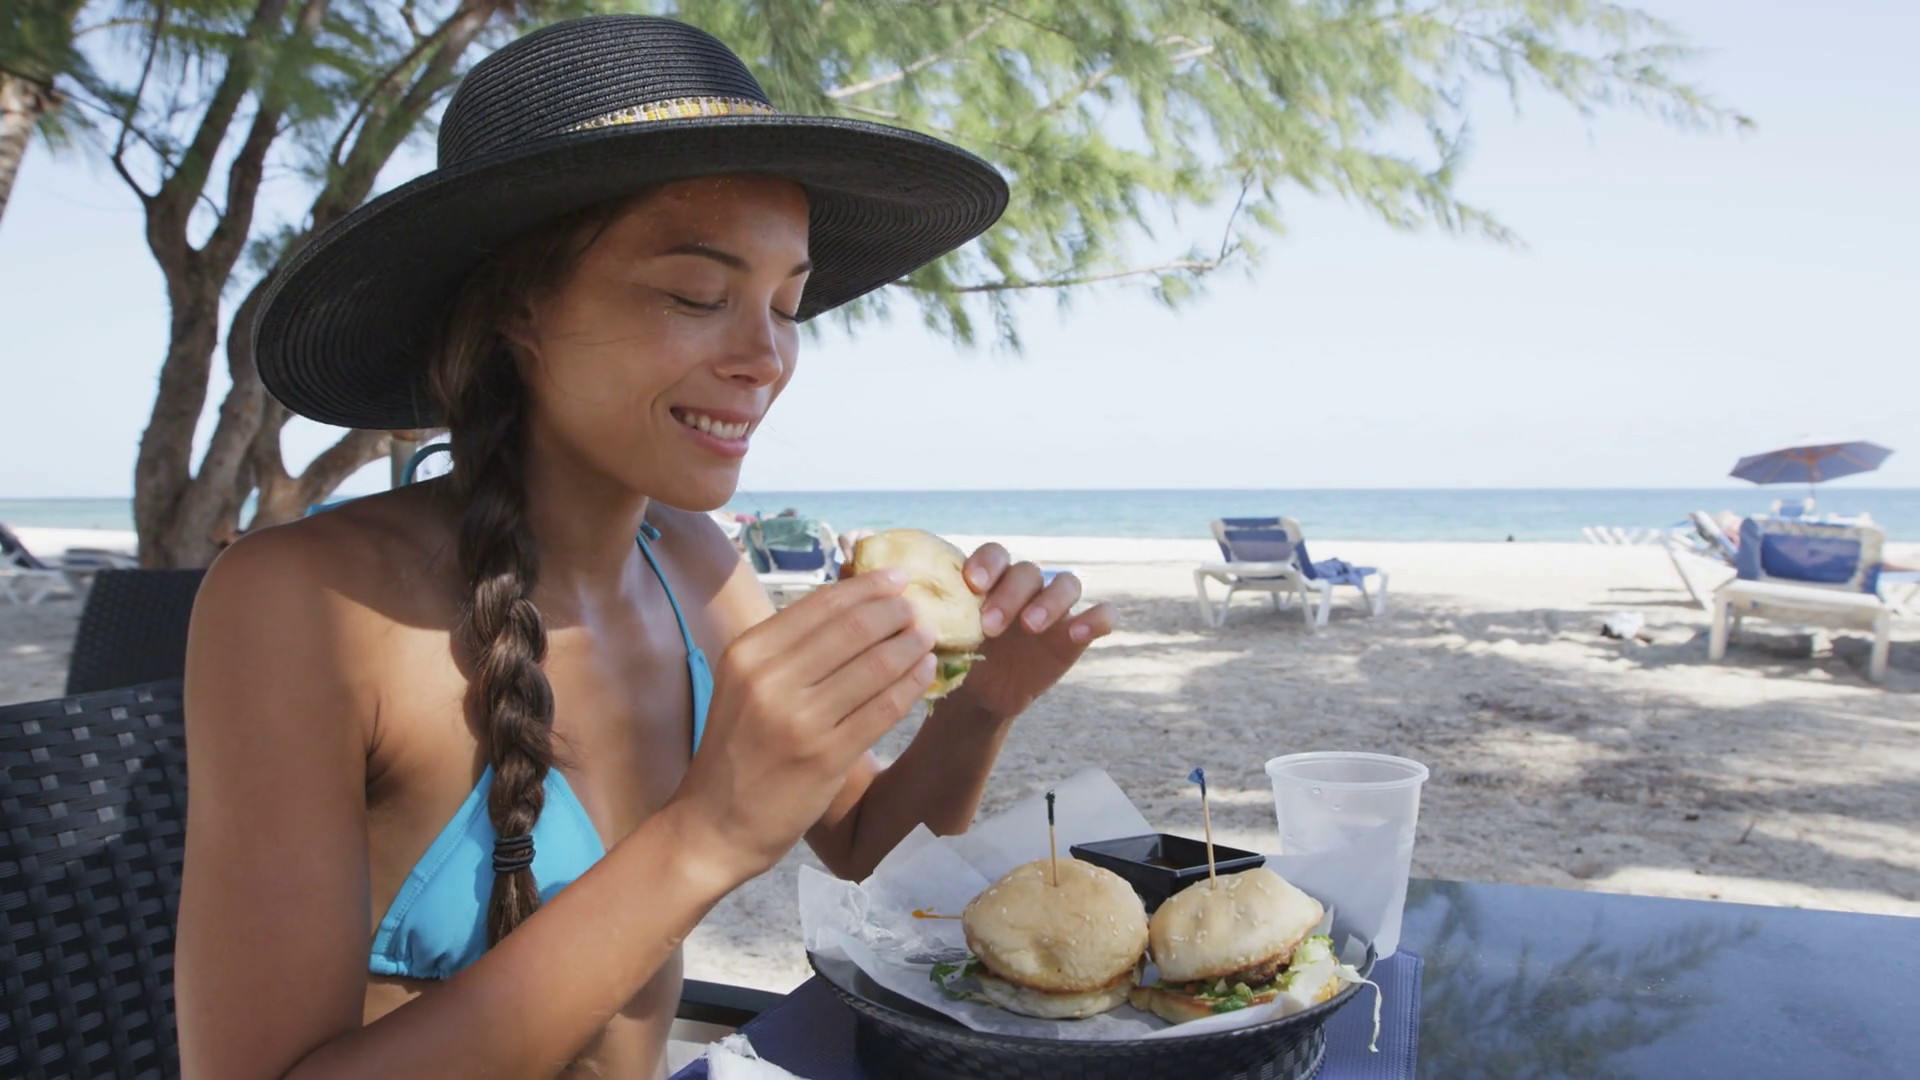 Τα μυστικά για να τρως λιγότερο το καλοκαίρι